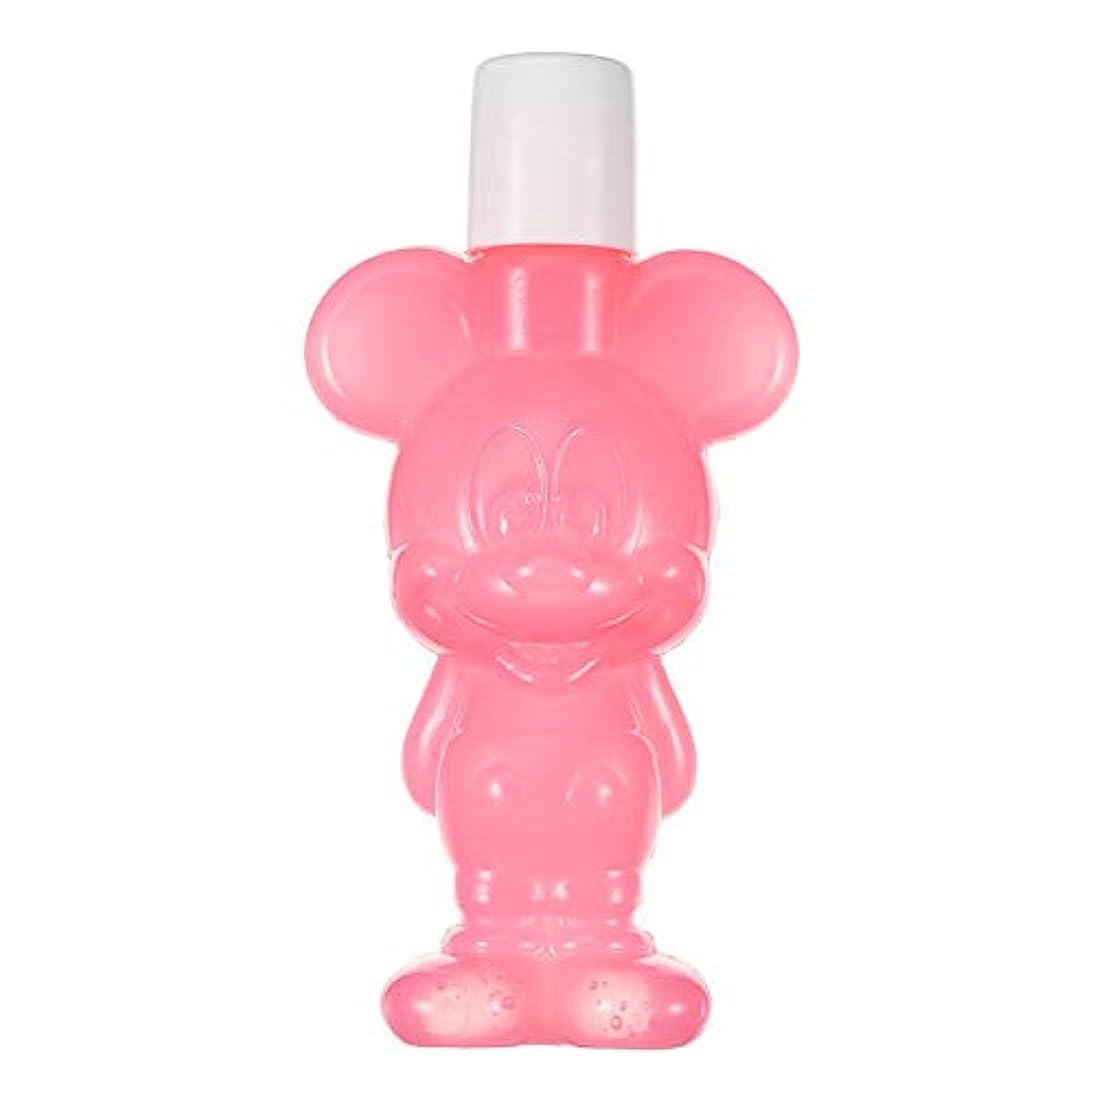 老朽化したセイはさておき減少ディズニーストア(公式)保湿ジェル ミッキー ピンク Gummy Candy Cosme